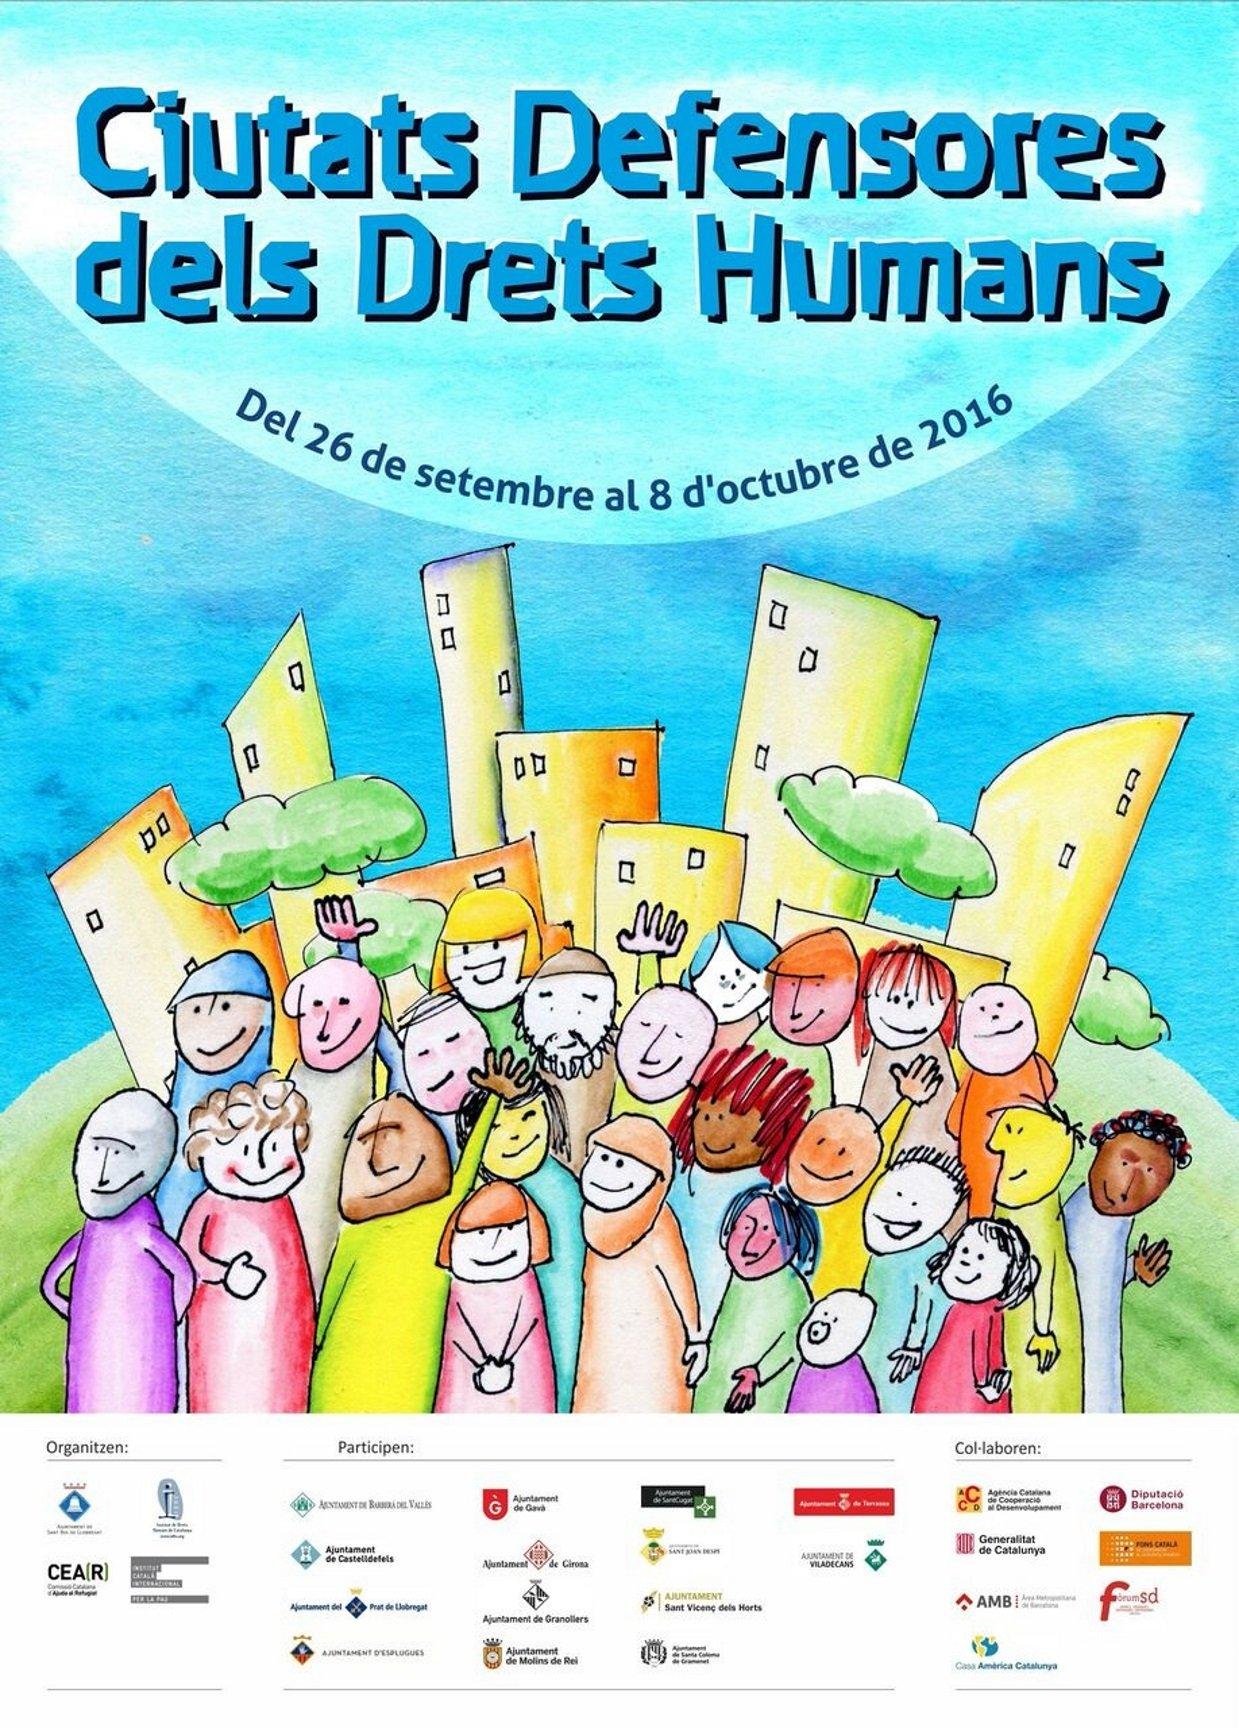 drets humans ciutats defensores